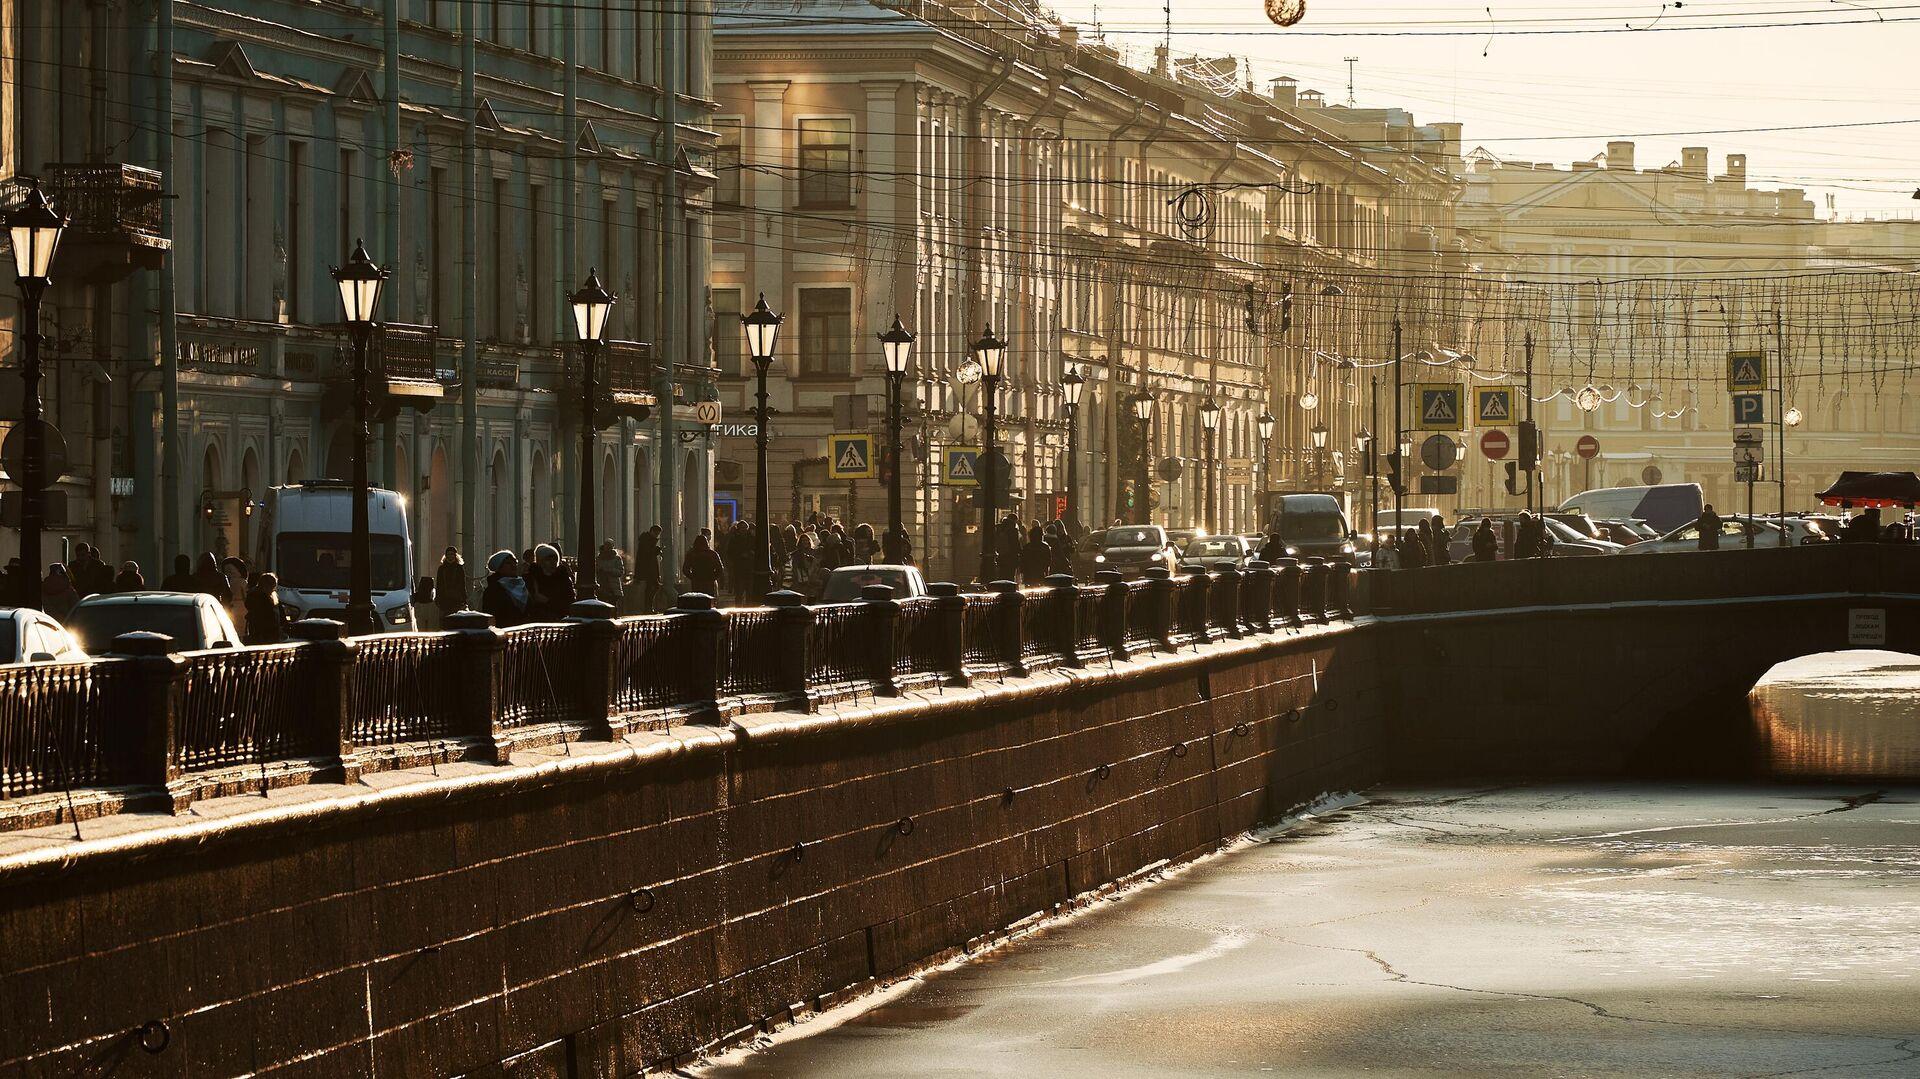 Солнечный день в Санкт-Петербурге - РИА Новости, 1920, 02.02.2021